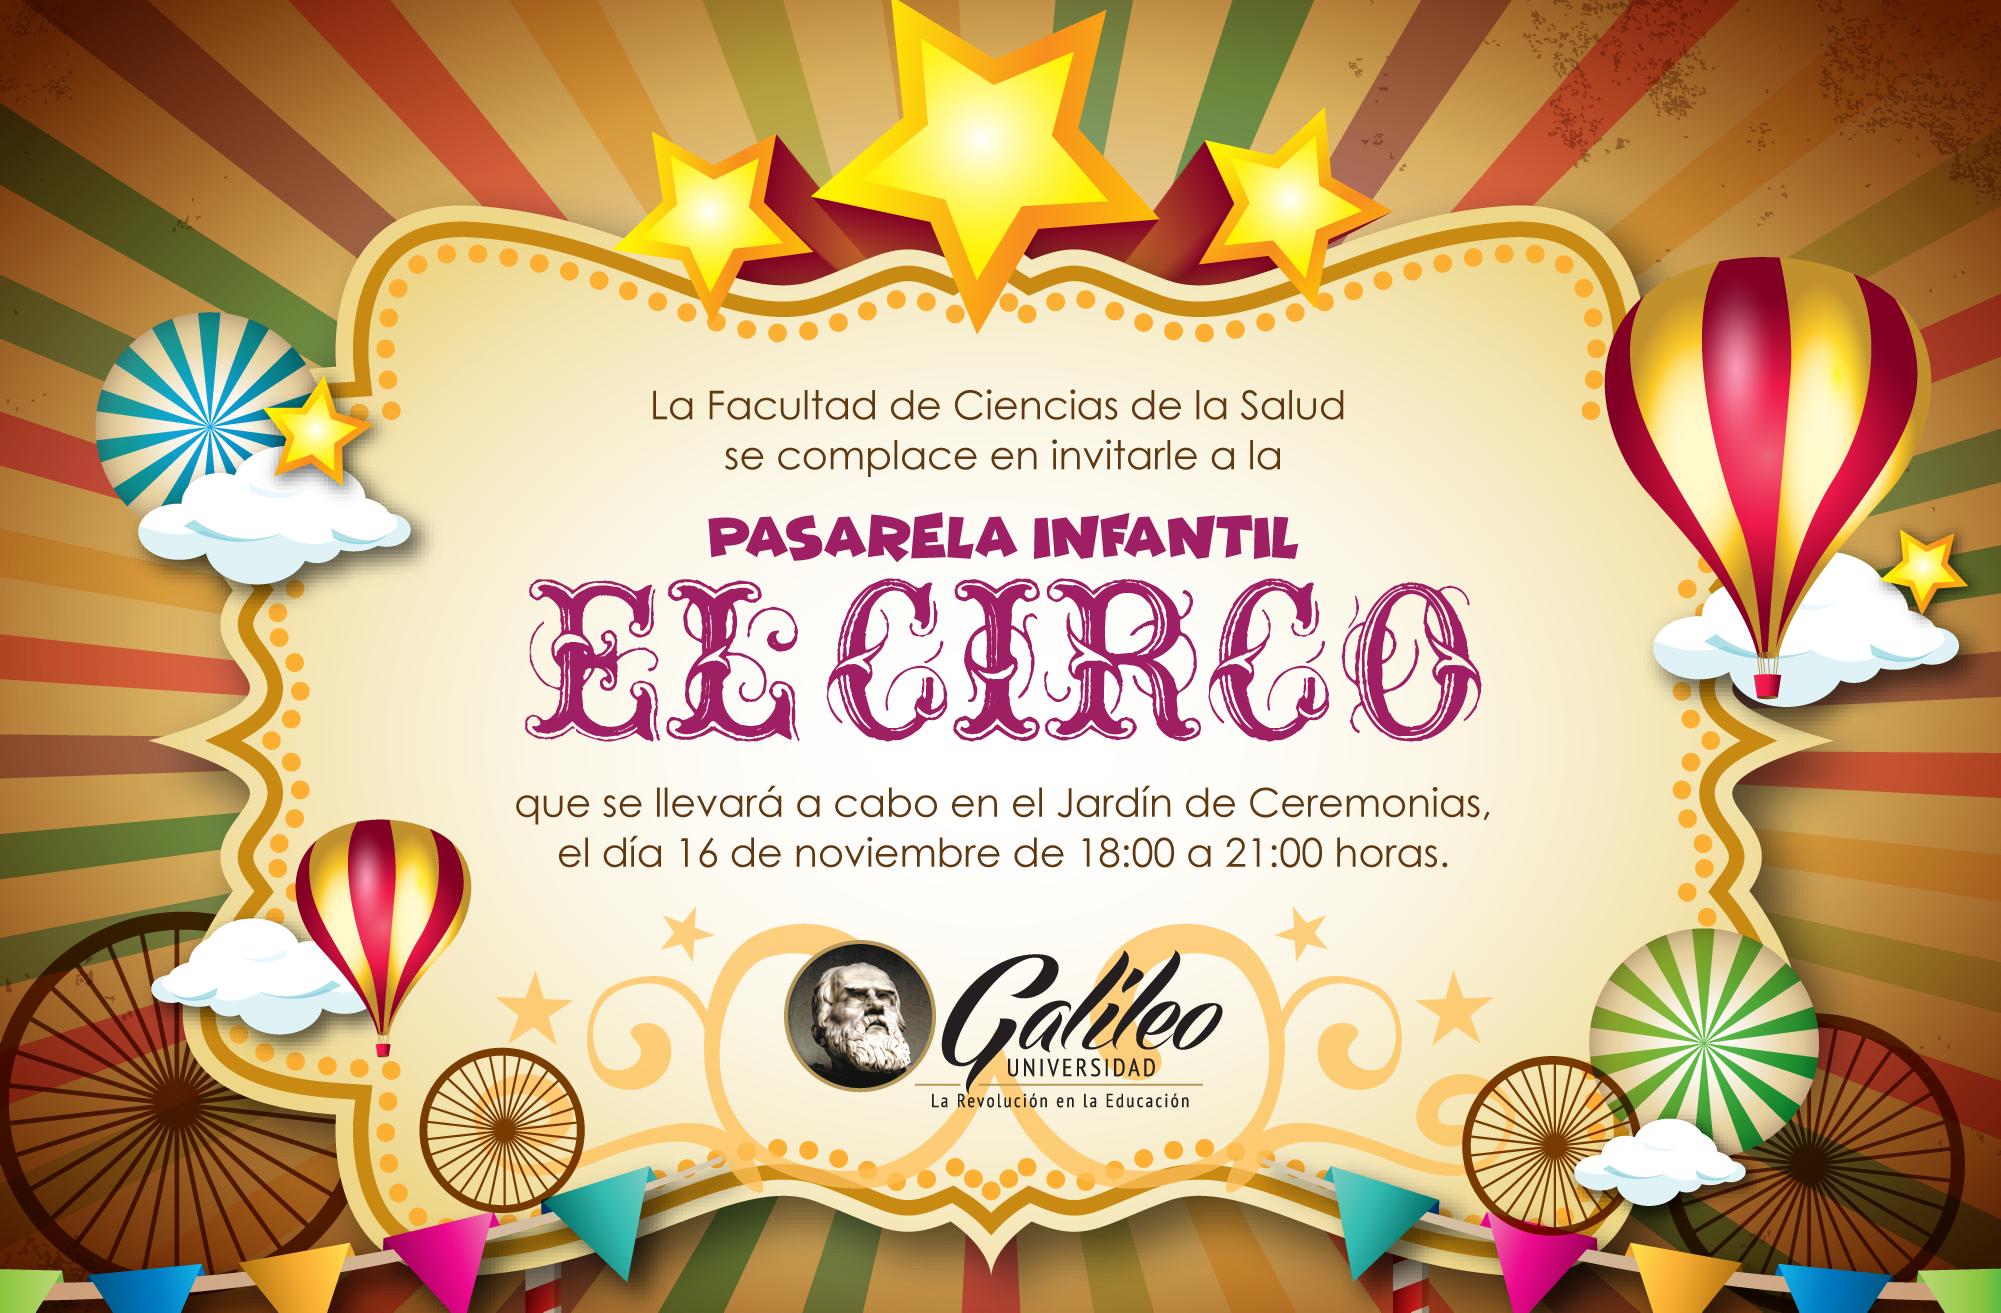 Imagen: Pasarela Infantil El Circo - spot